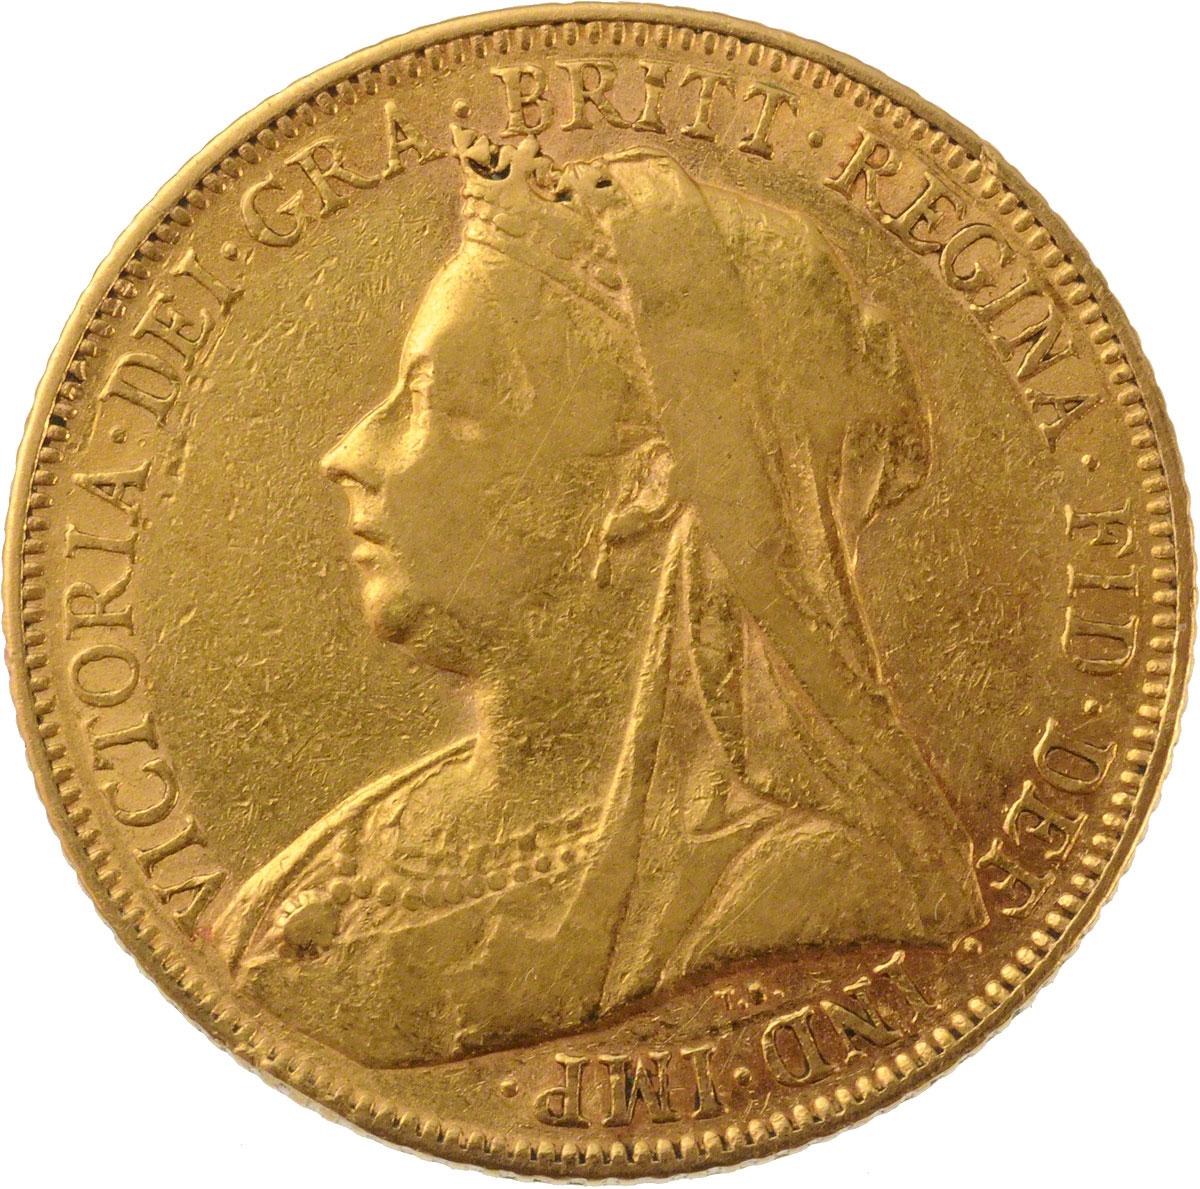 1901 Βικτώρια (Νομισματοκοπείο Λονδίνου)